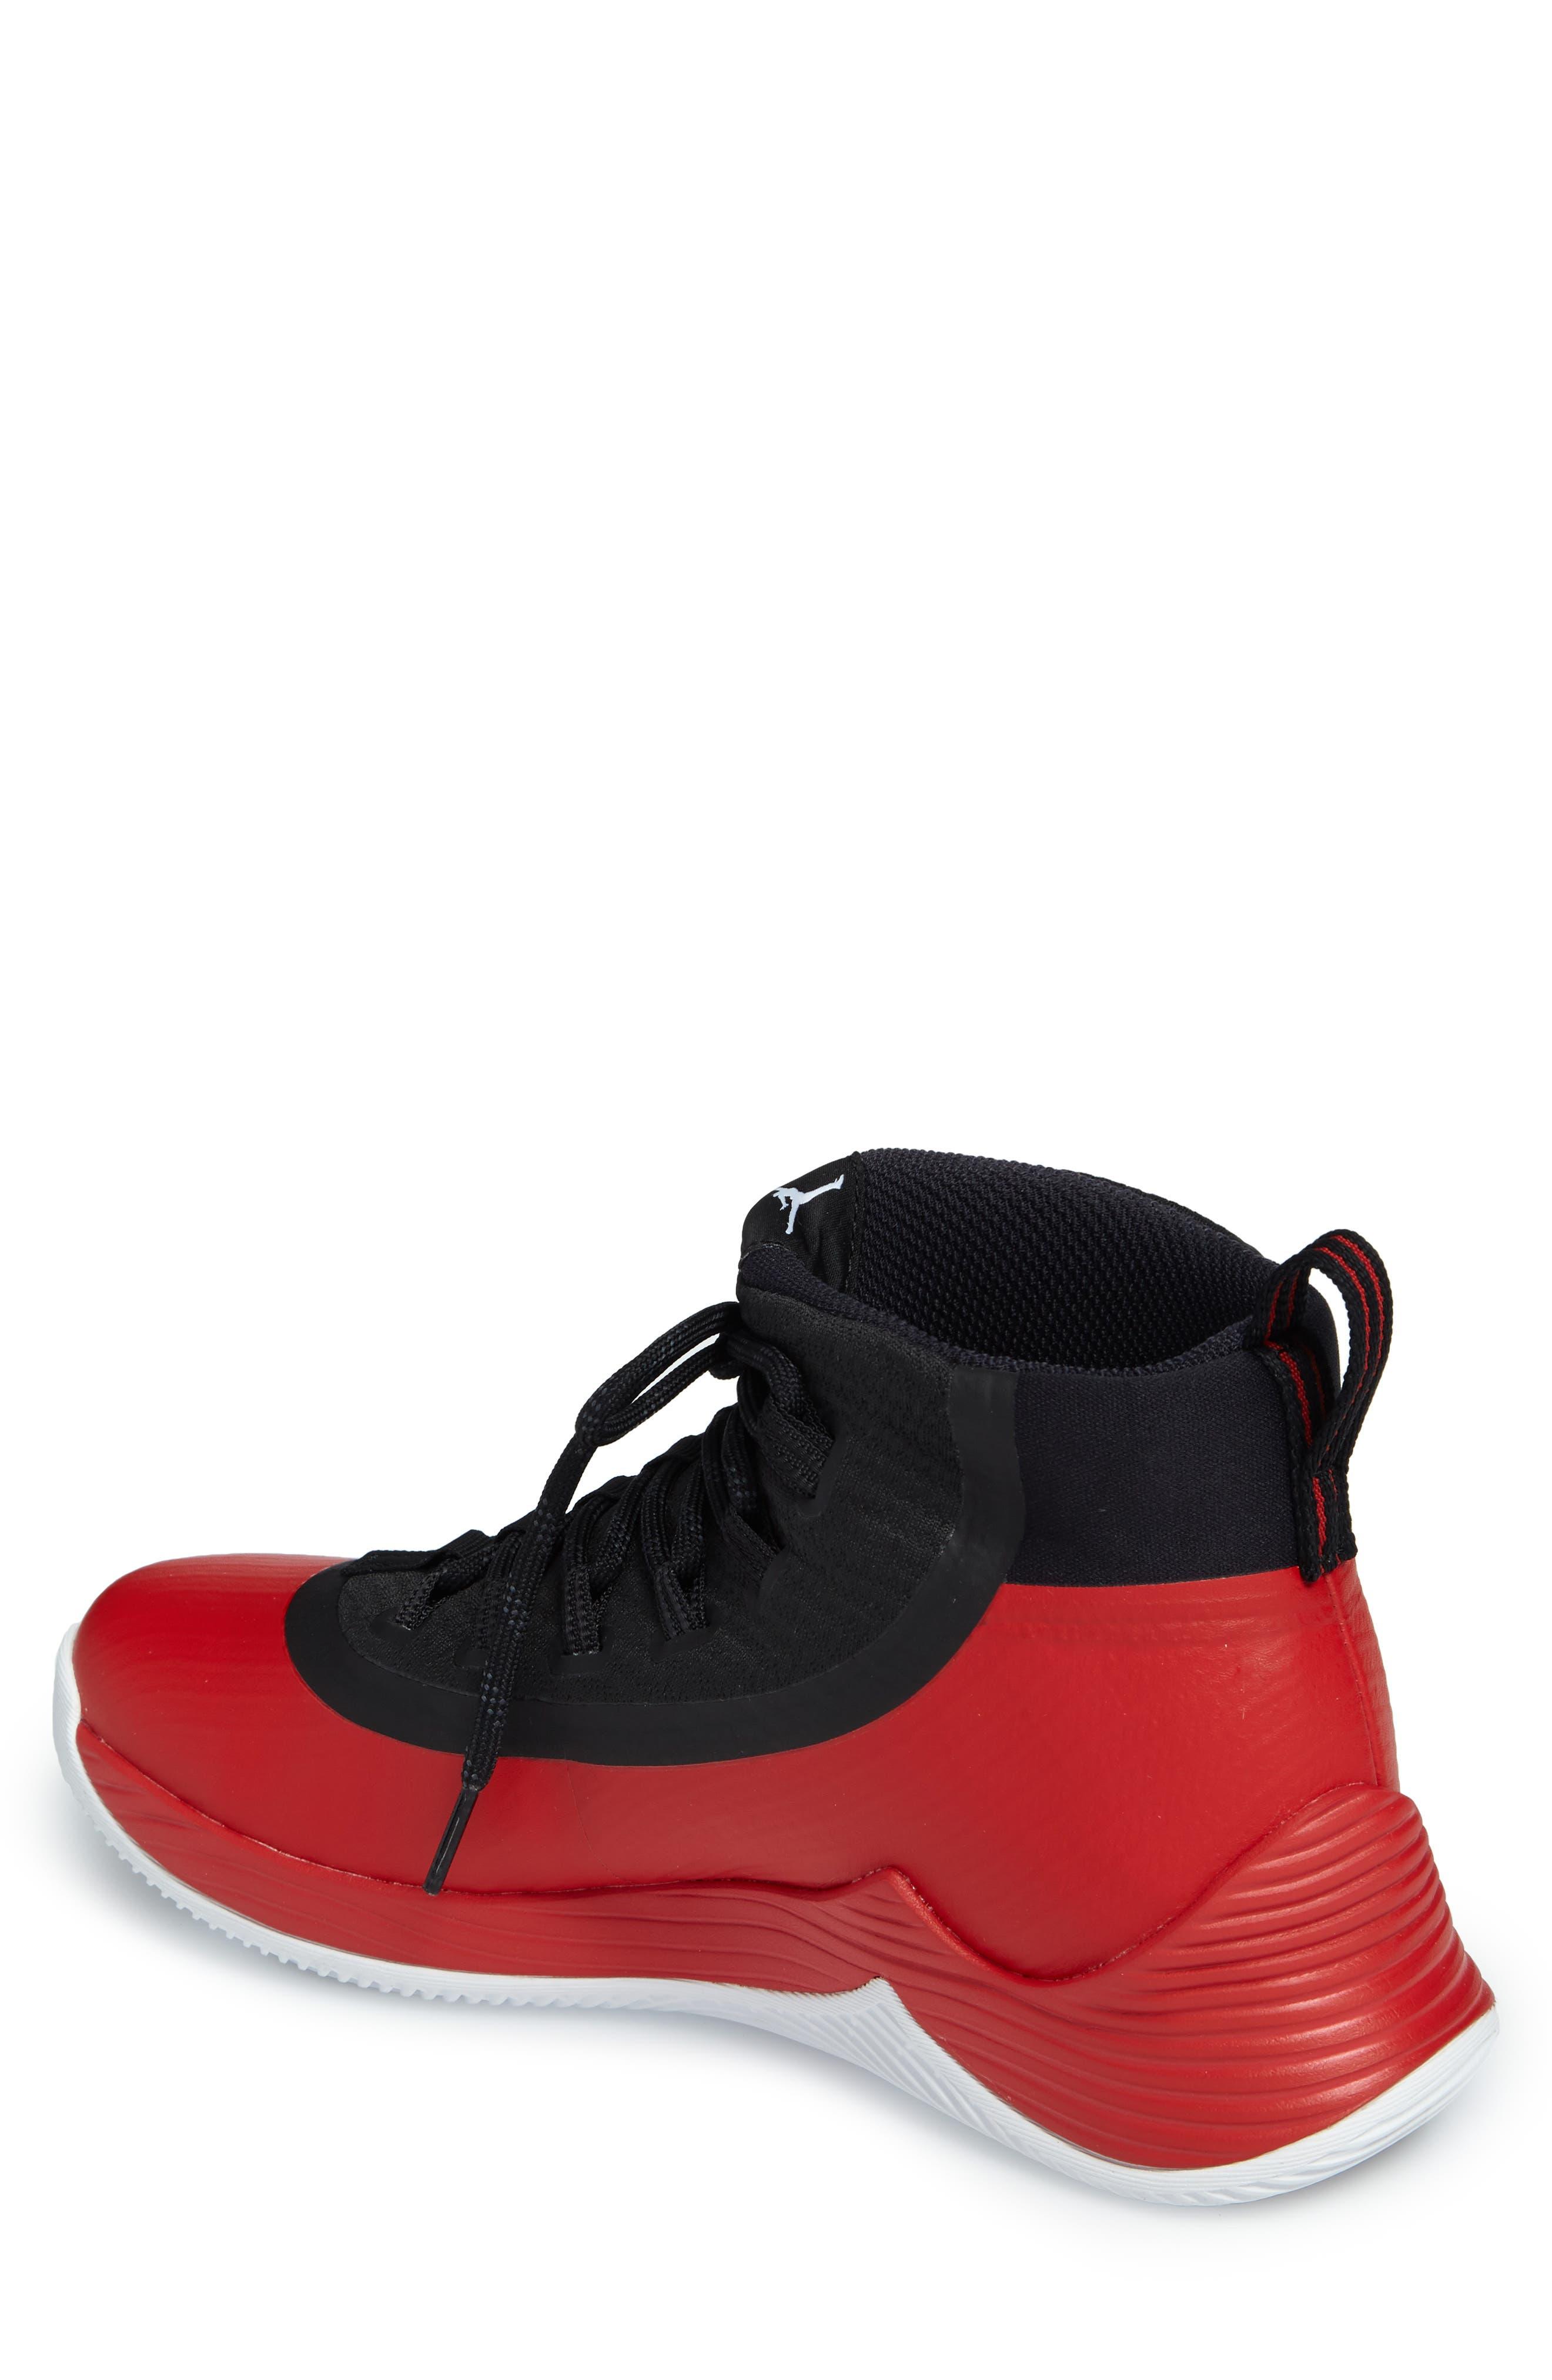 Jordan Ultra Fly 2 Basketball Shoe,                             Alternate thumbnail 2, color,                             University Red/ White/ Black